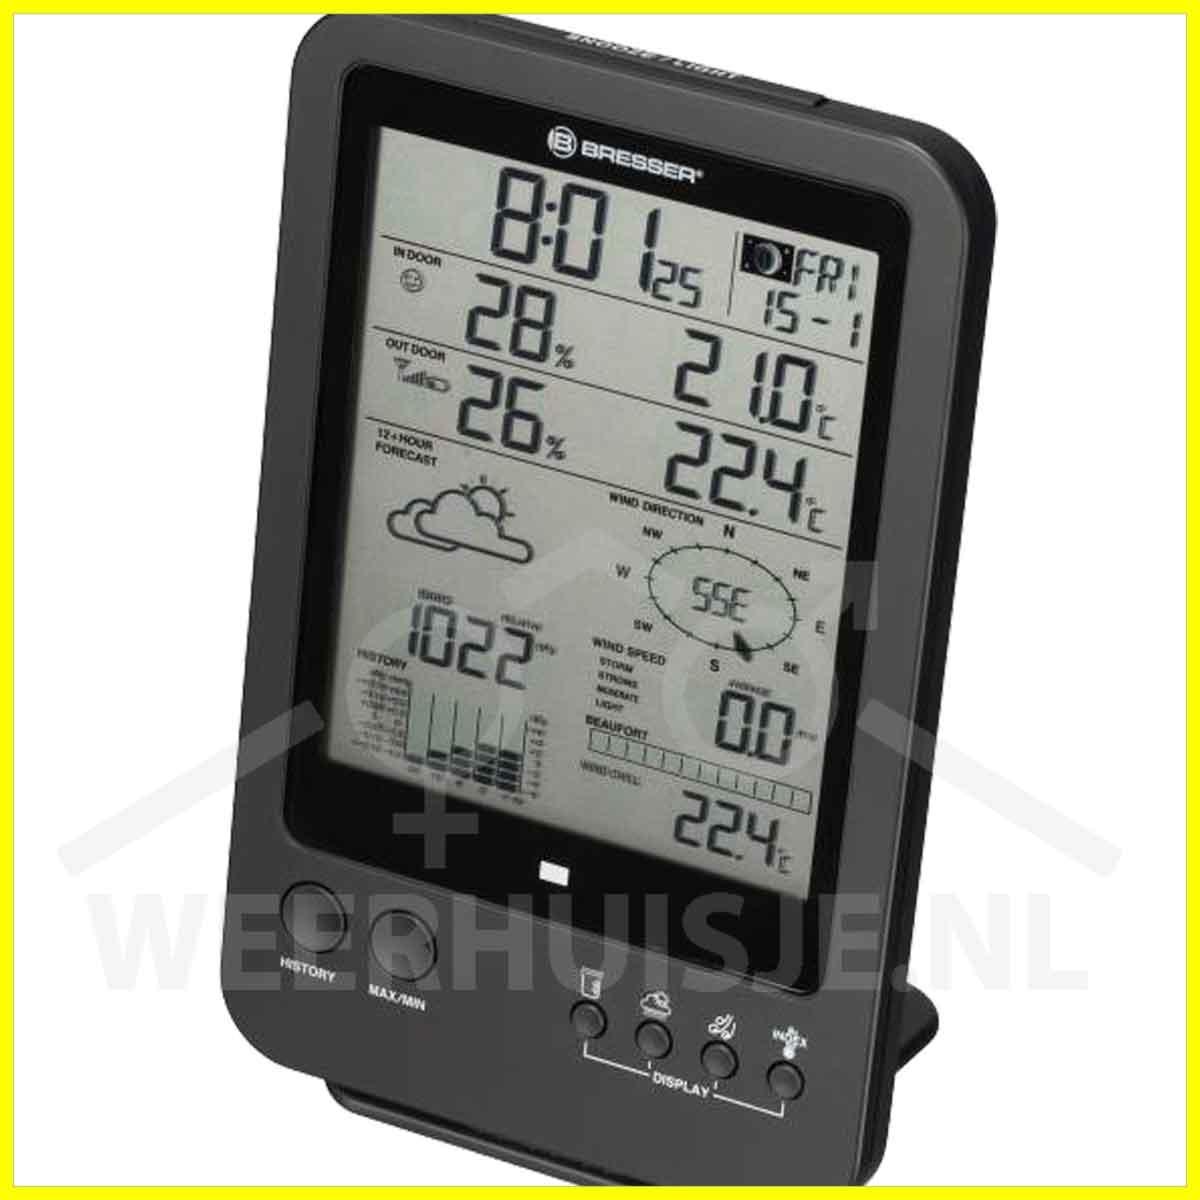 BR-7002510 Bresser 5-in-1 weerstation met LCD display